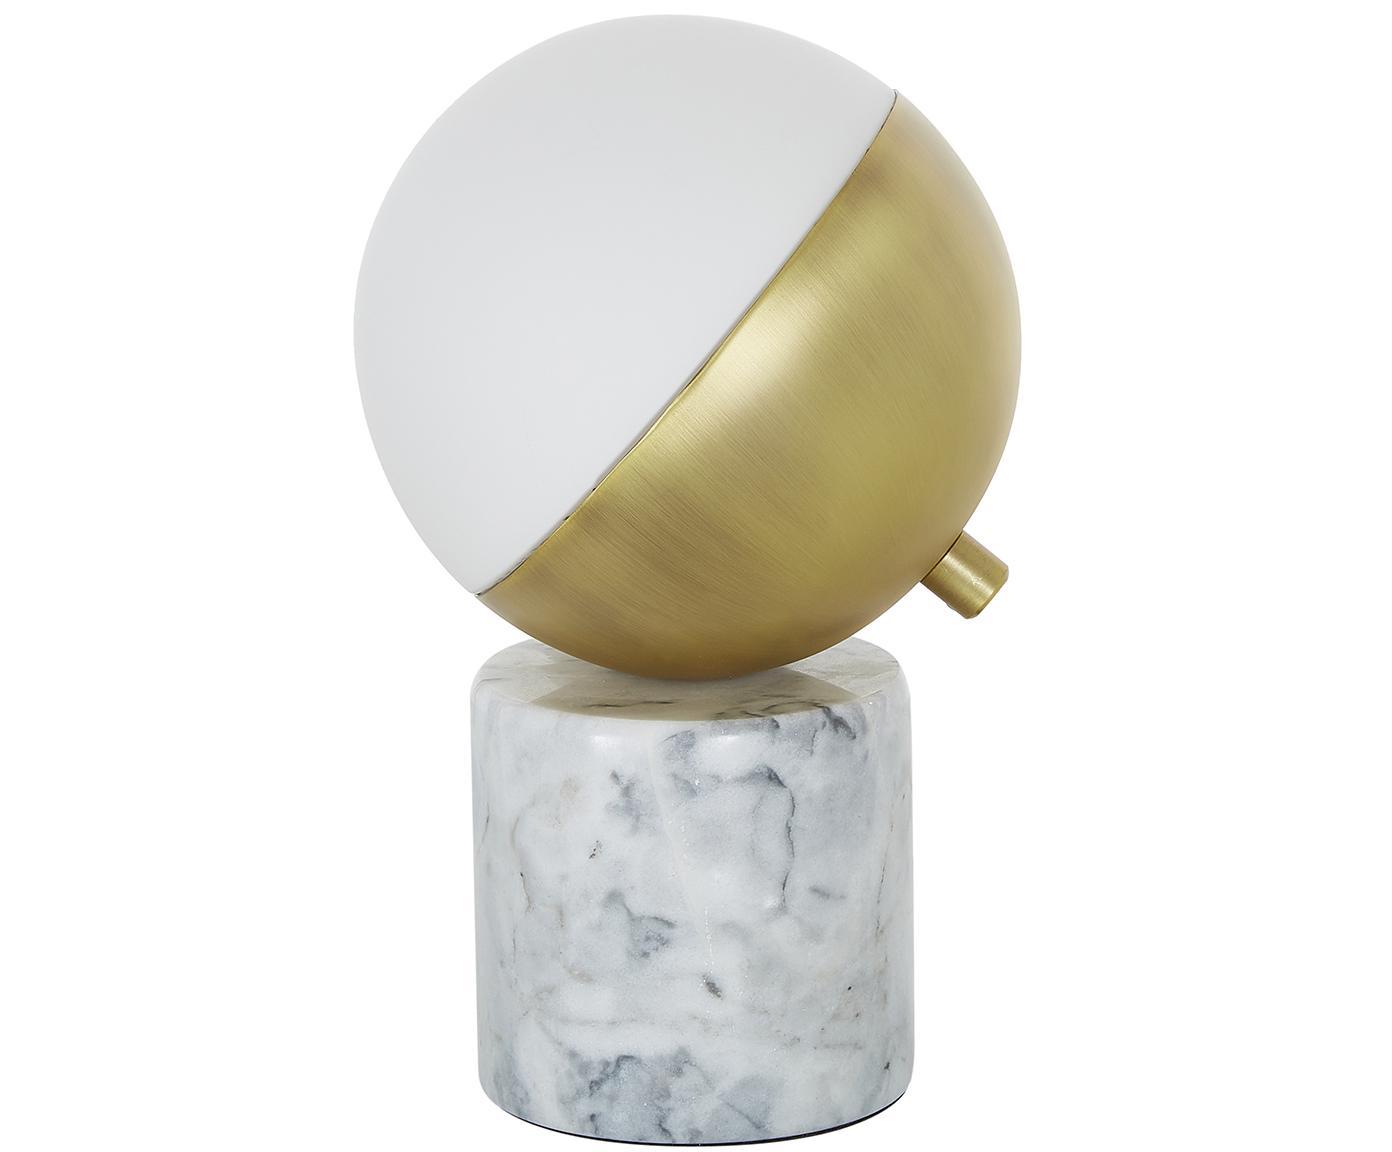 Marmor-Tischleuchte Svea, Lampenfuß: Marmor, Lampenschirm: Metall, Glas, Lampenfuß: Weißer MarmorLampenschirm: Weiß, Goldfarben, Ø 15 x H 25 cm